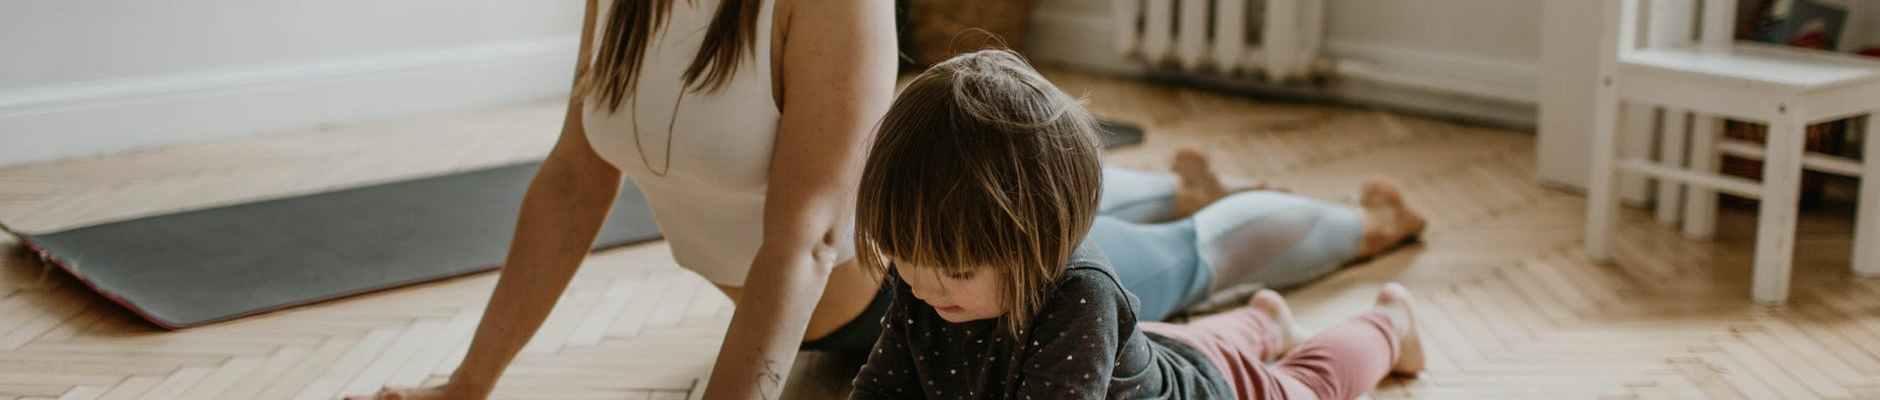 Pa čitam, Vječno preispitivanje: Jesam li dobra mama?